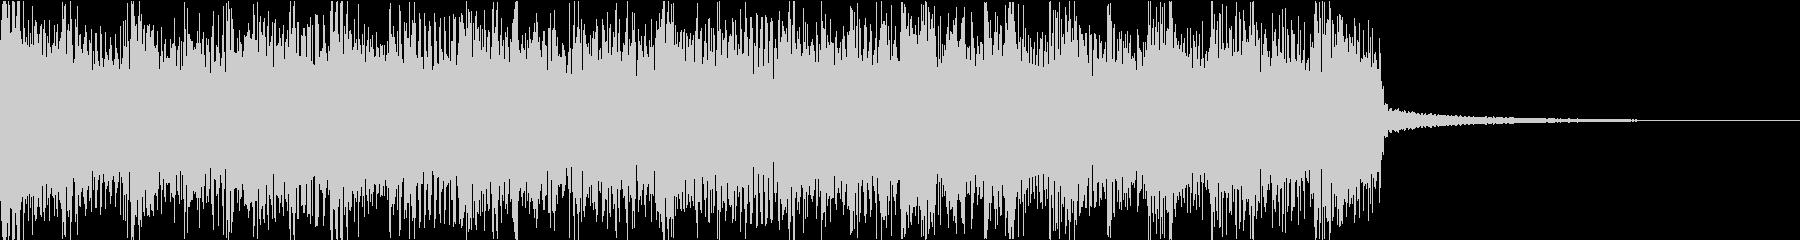 激しいゴリゴリロック♪バトル♪ジングル3の未再生の波形